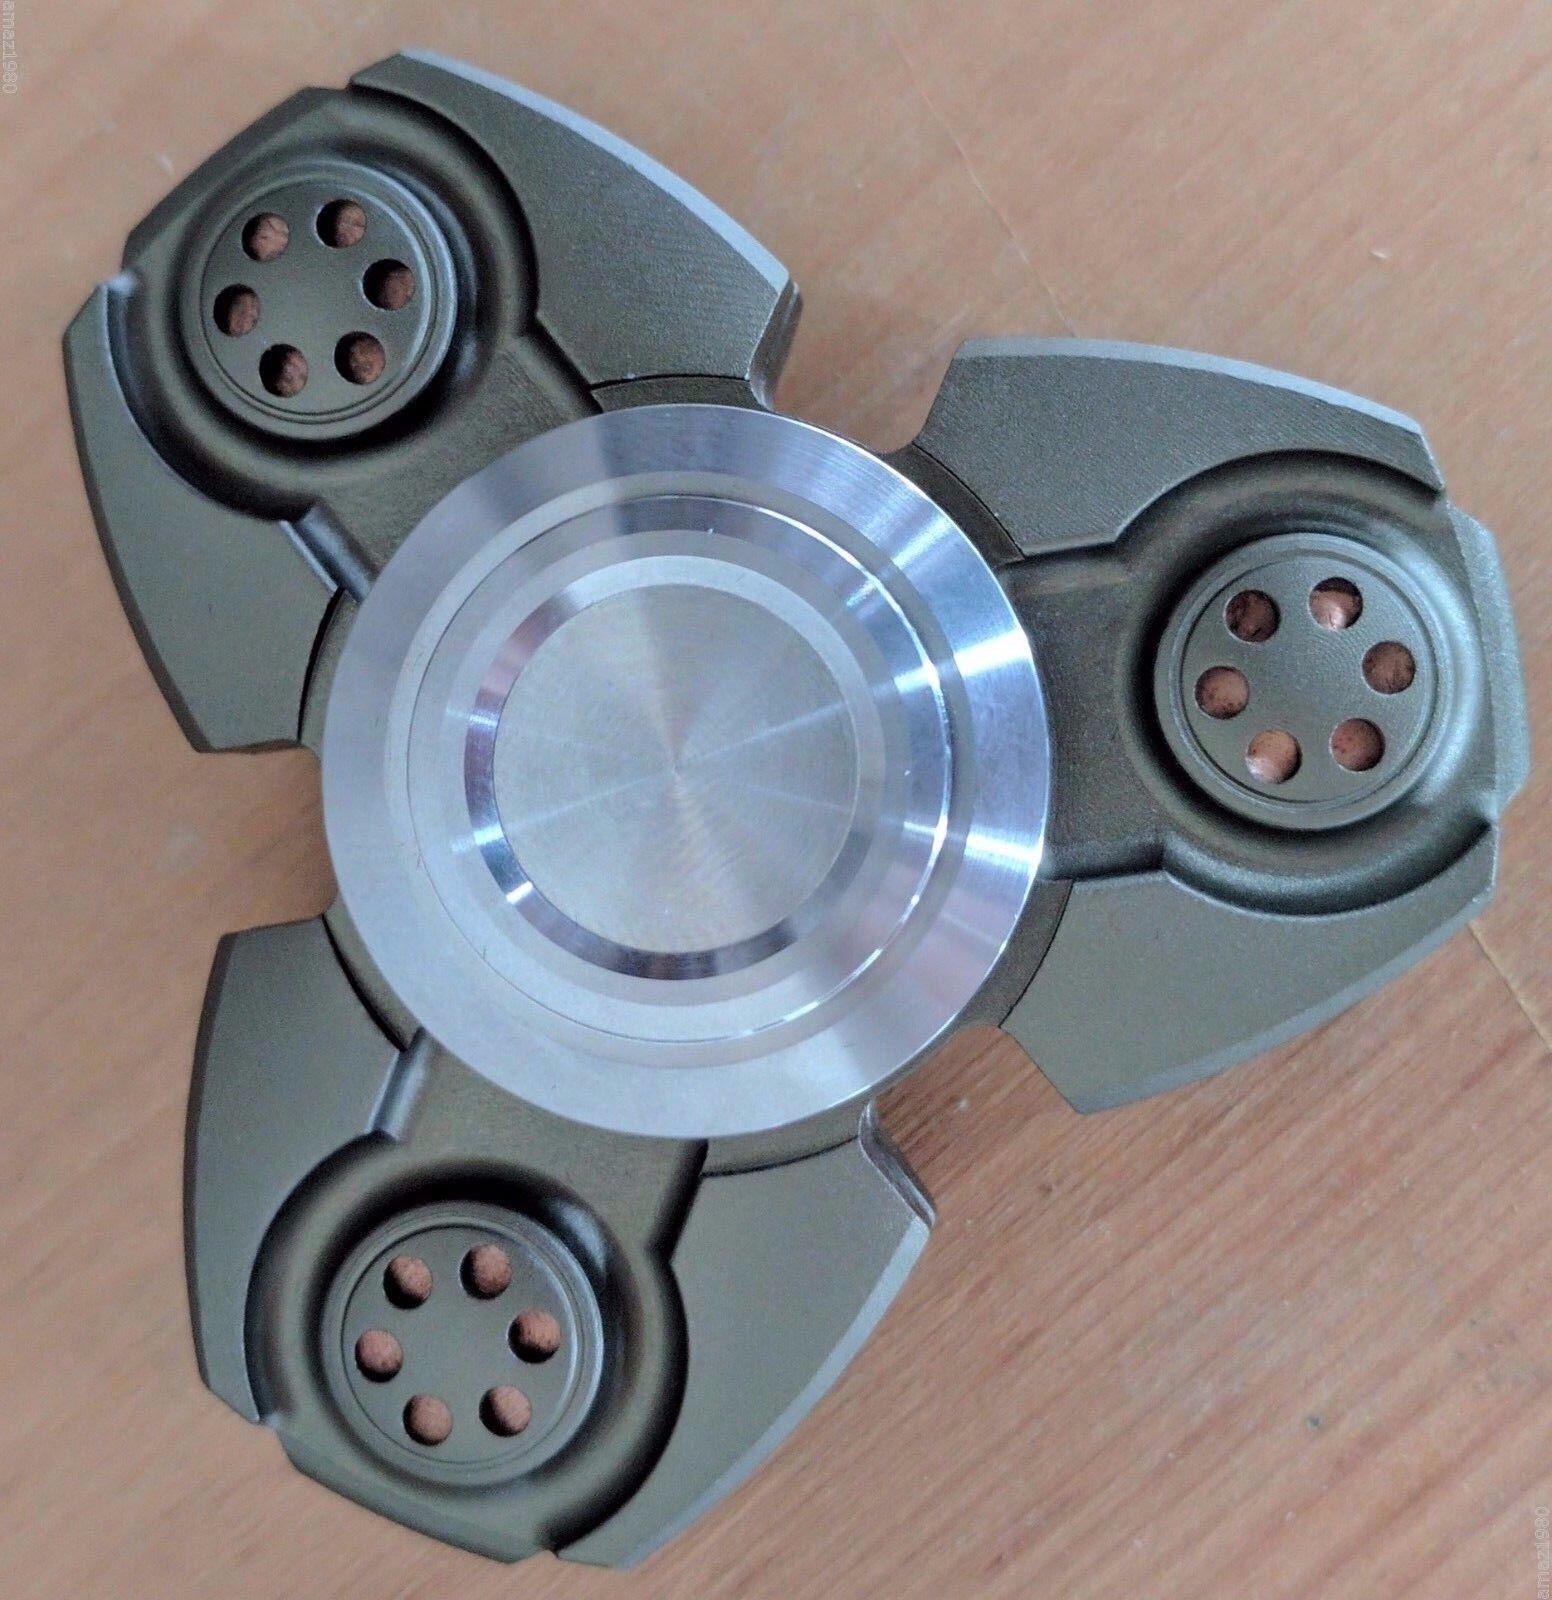 ahorra 50% -75% de descuento Jtk Tri Aluminio Arny verde intranquilo mano Cojinete De De De Acero De Mesa De Mano De Juguete Spinner  están haciendo actividades de descuento